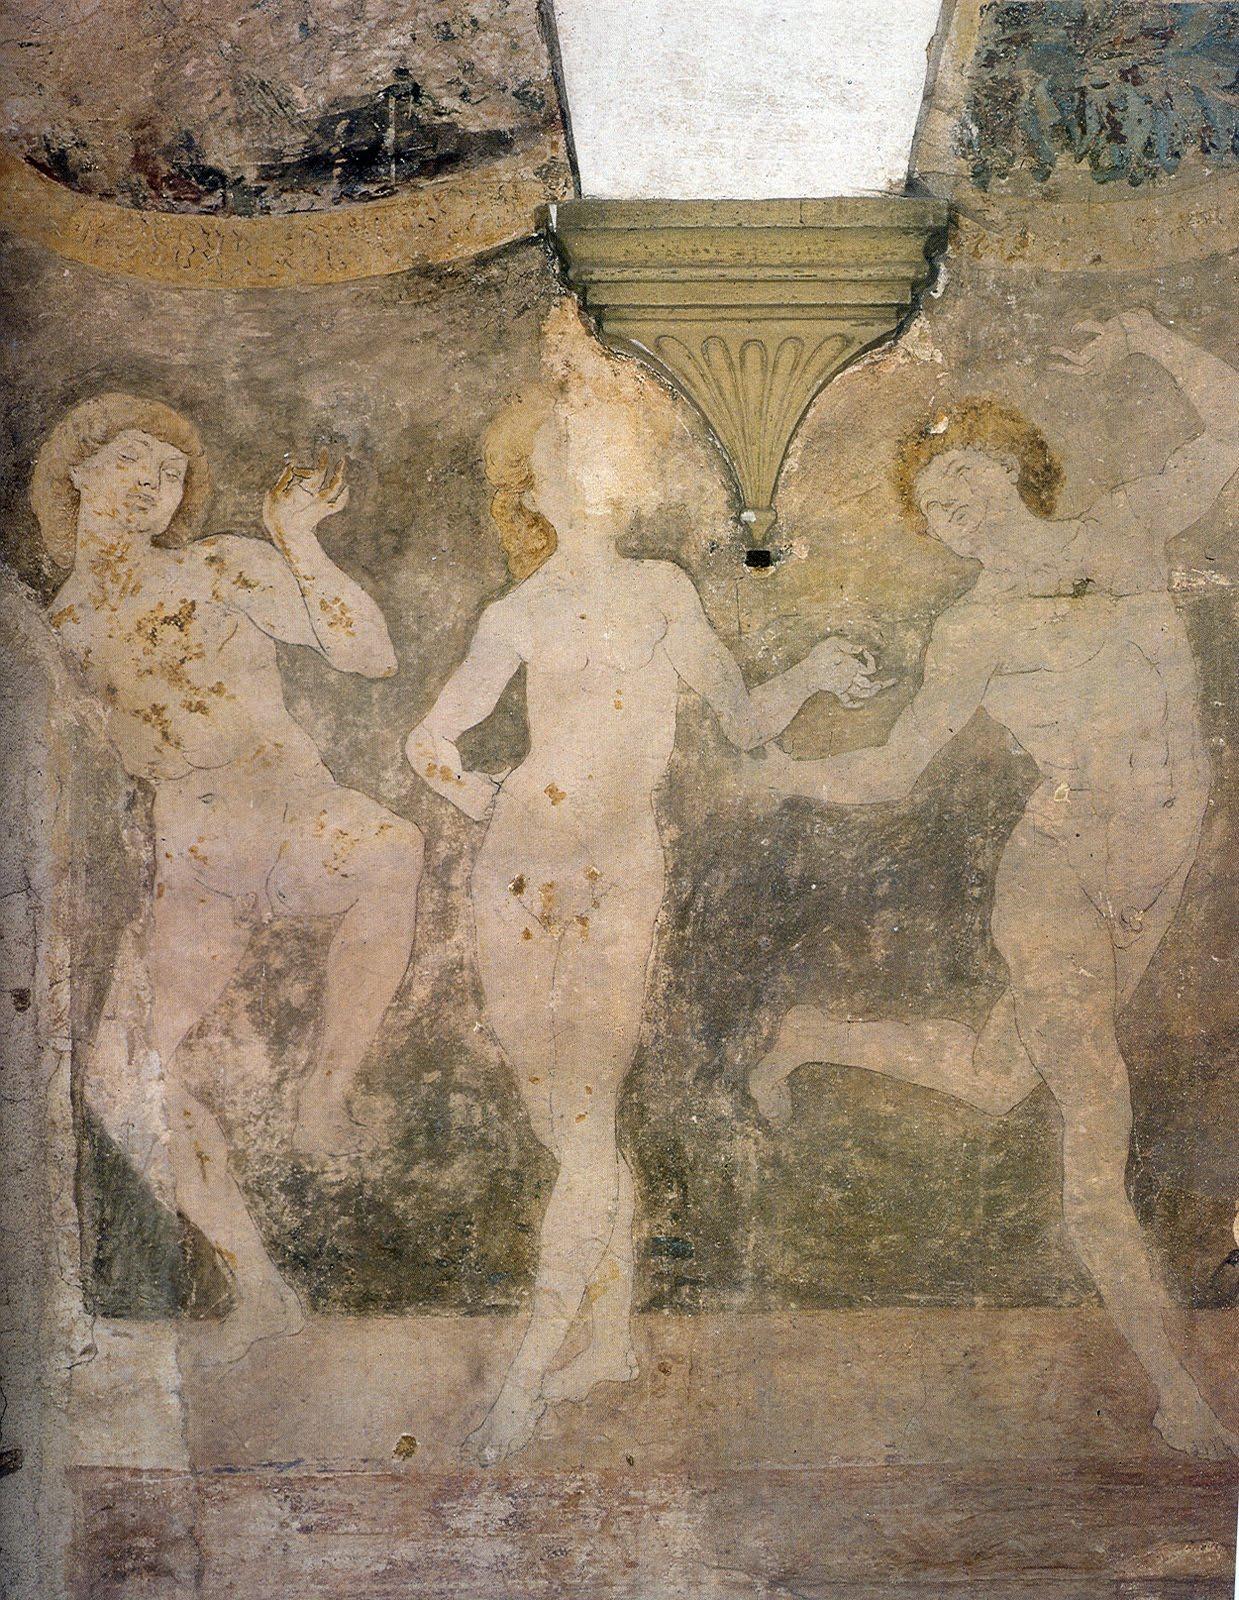 Antonio del Pollaiolo - nudi danzanti